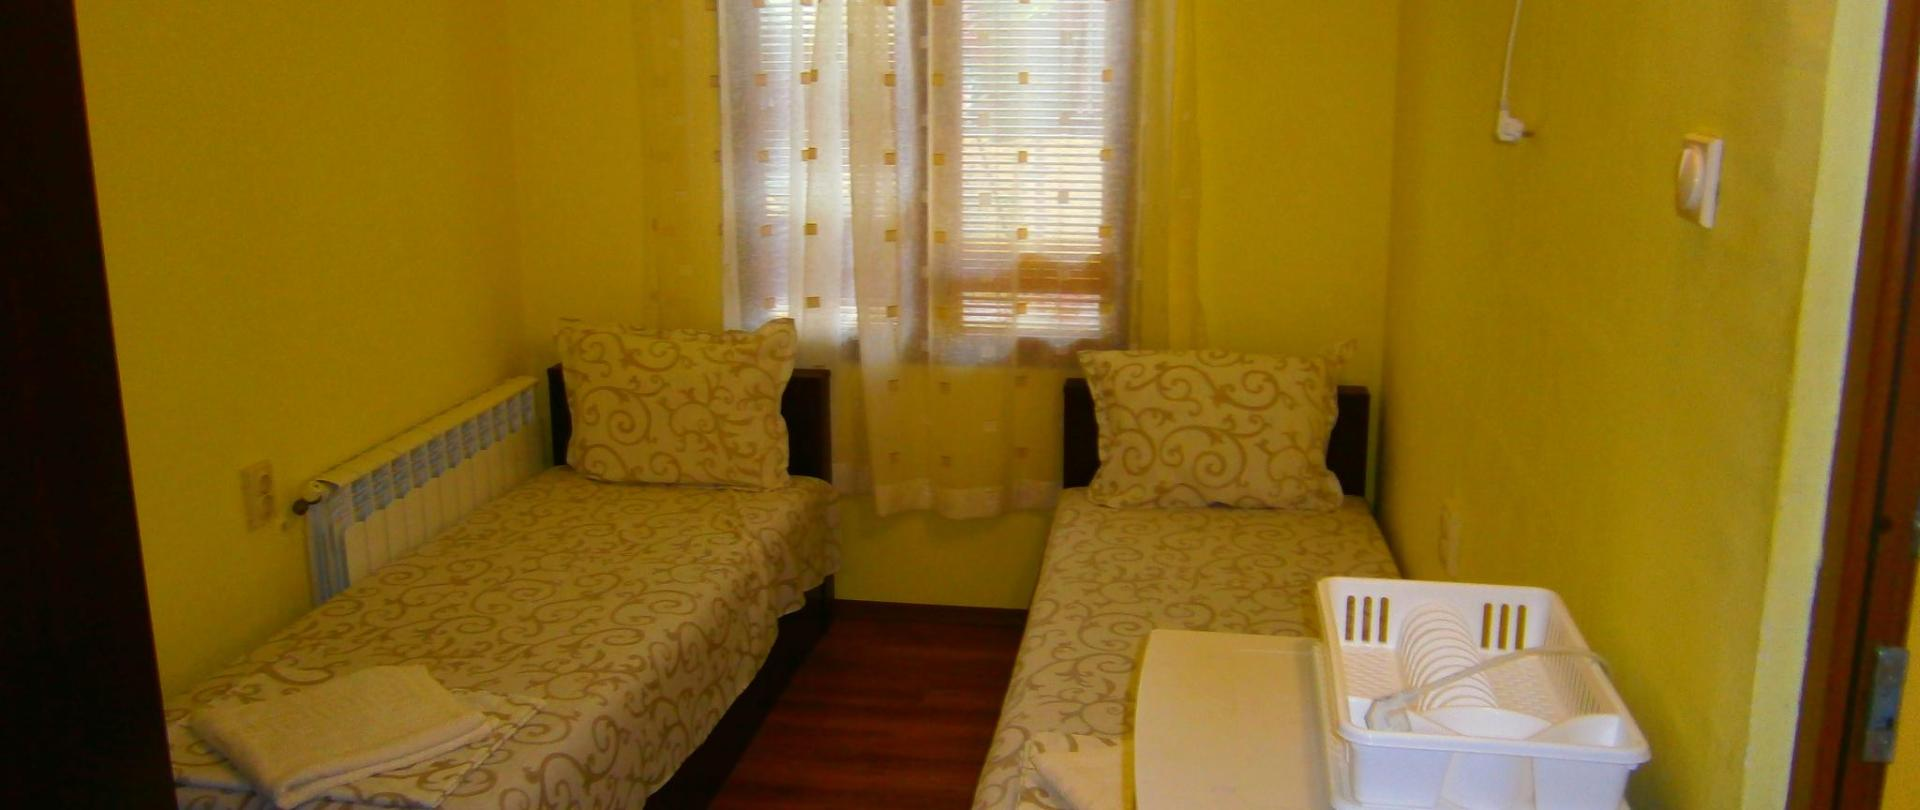 客房配有两张单人床